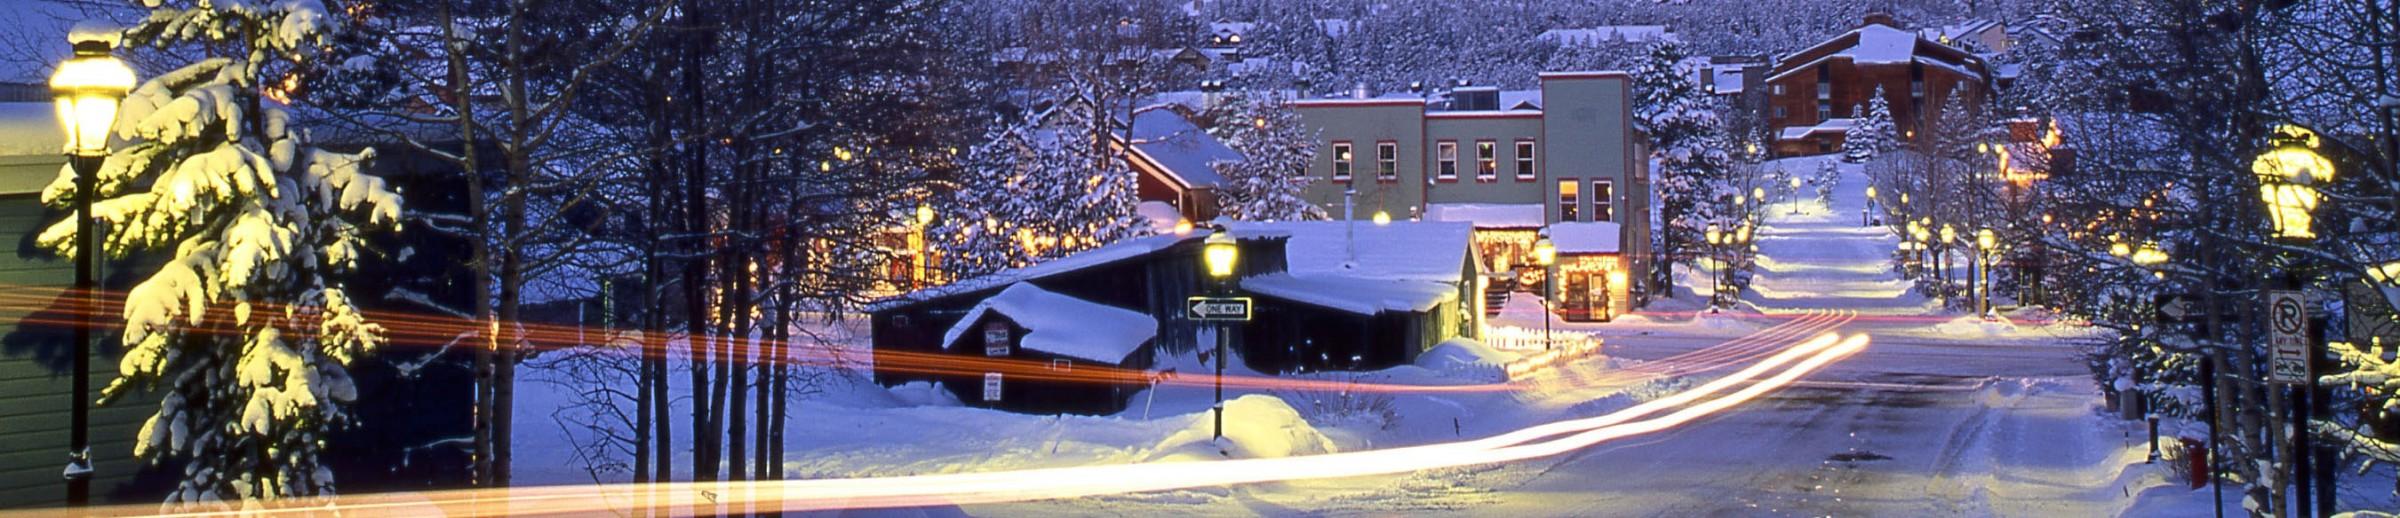 Breckenridge Ski Resort - Alpine Ski Resort Western United States